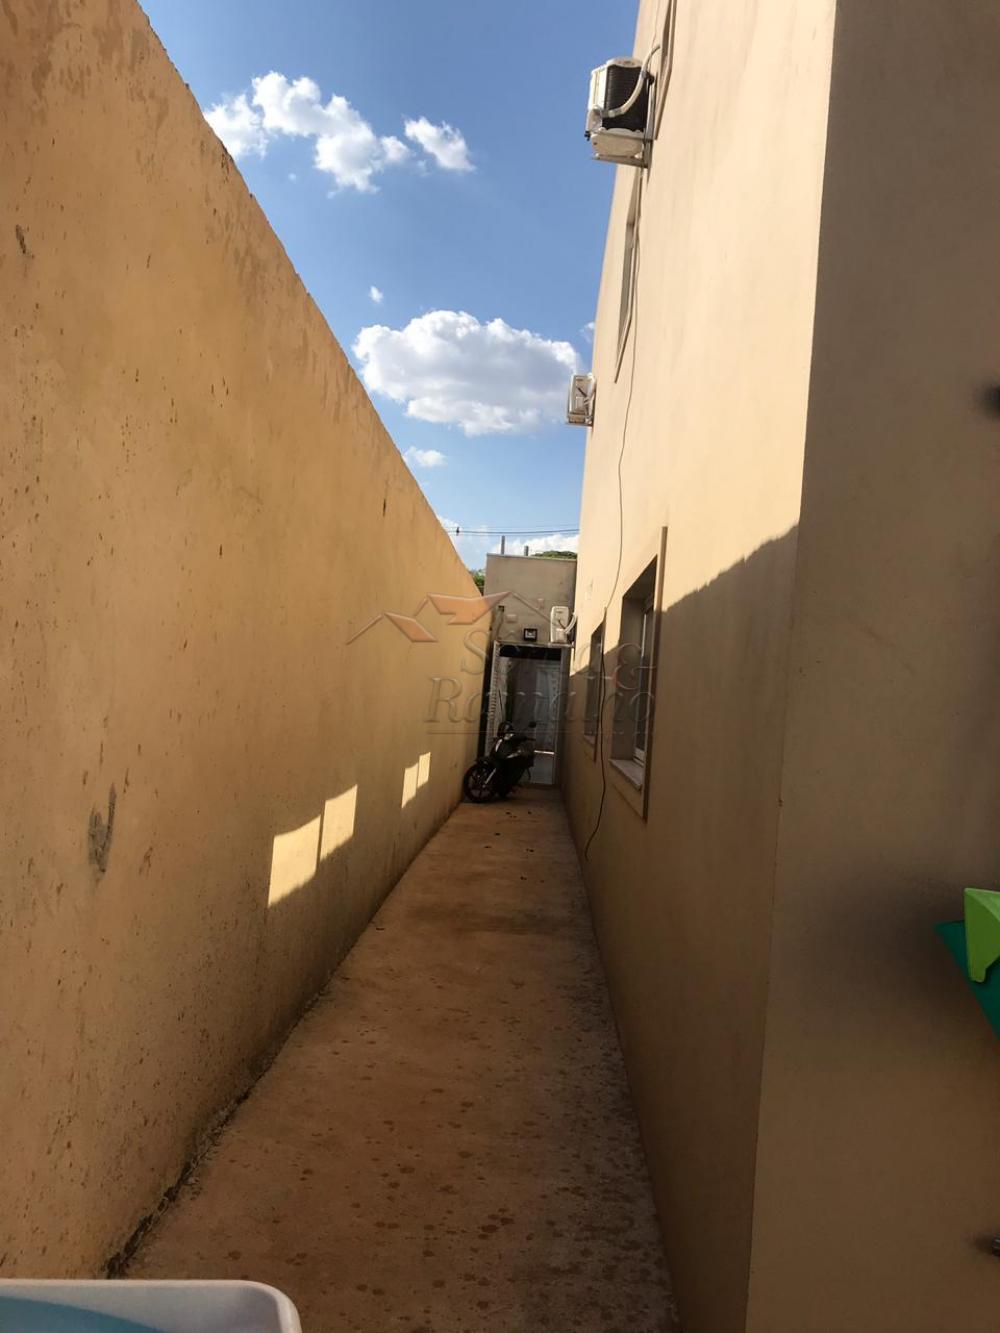 Alugar Casas / Padrão em Jardinópolis R$ 2.300,00 - Foto 22